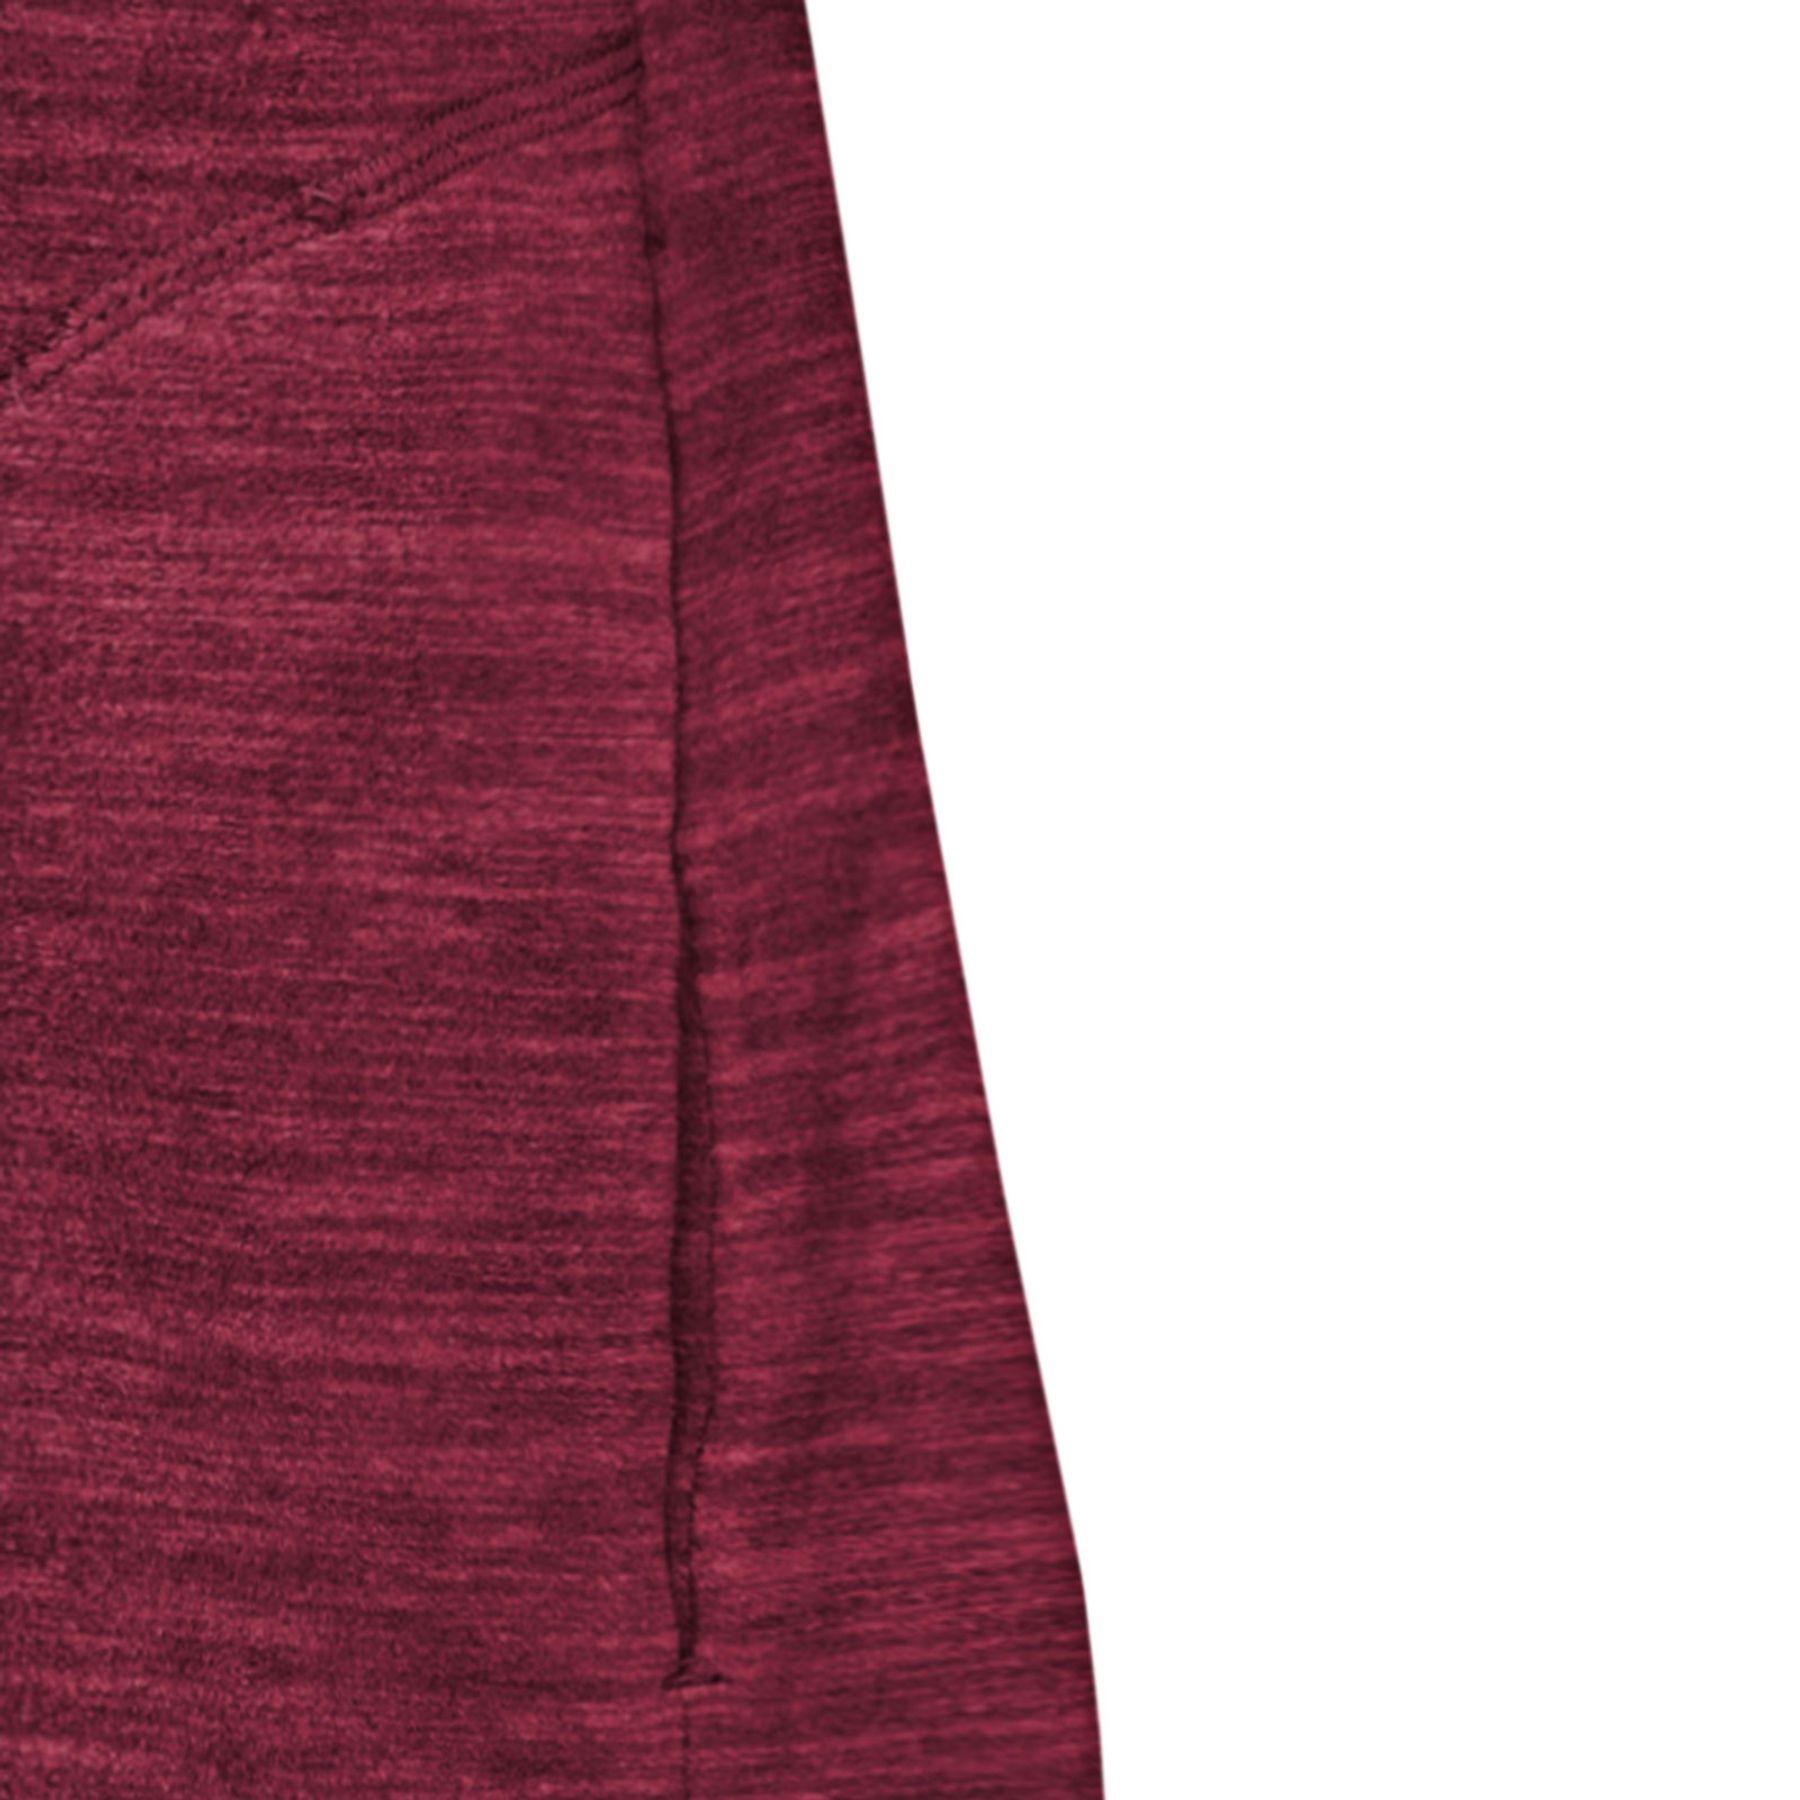 Joy - Damen Sport und Freizeit Fleecejacke in mehreren Farben, Pennie (30212) – Bild 18